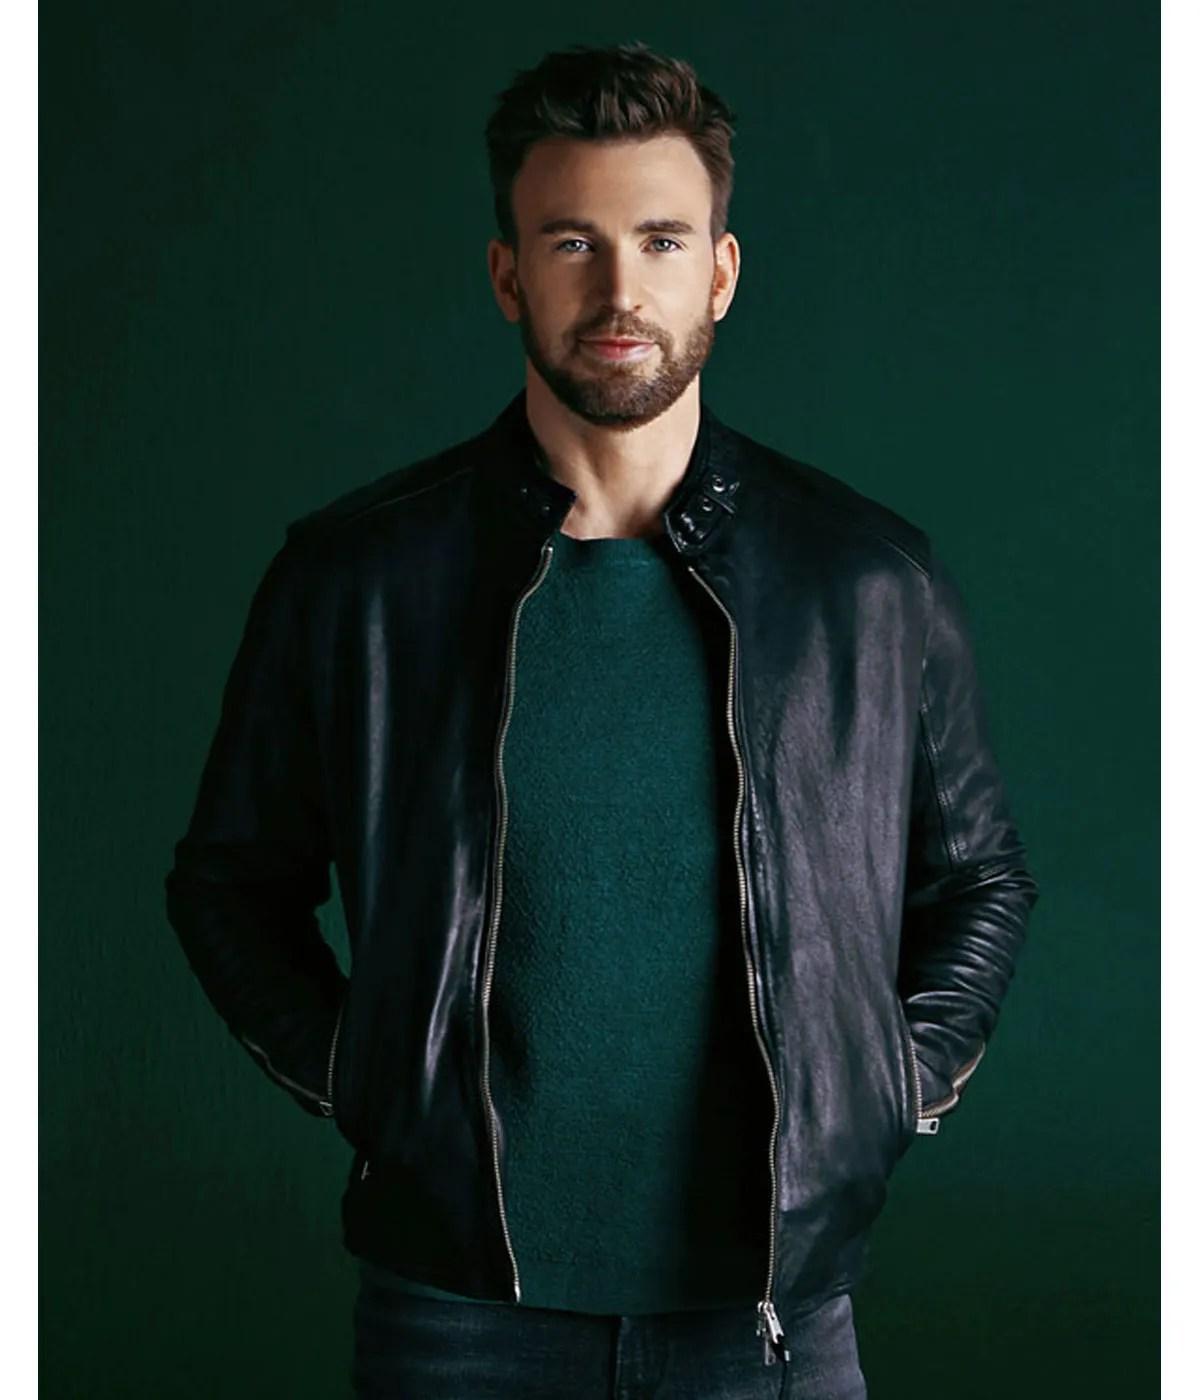 chris-evans-live-smarter-for-a-better-world-leather-jacket